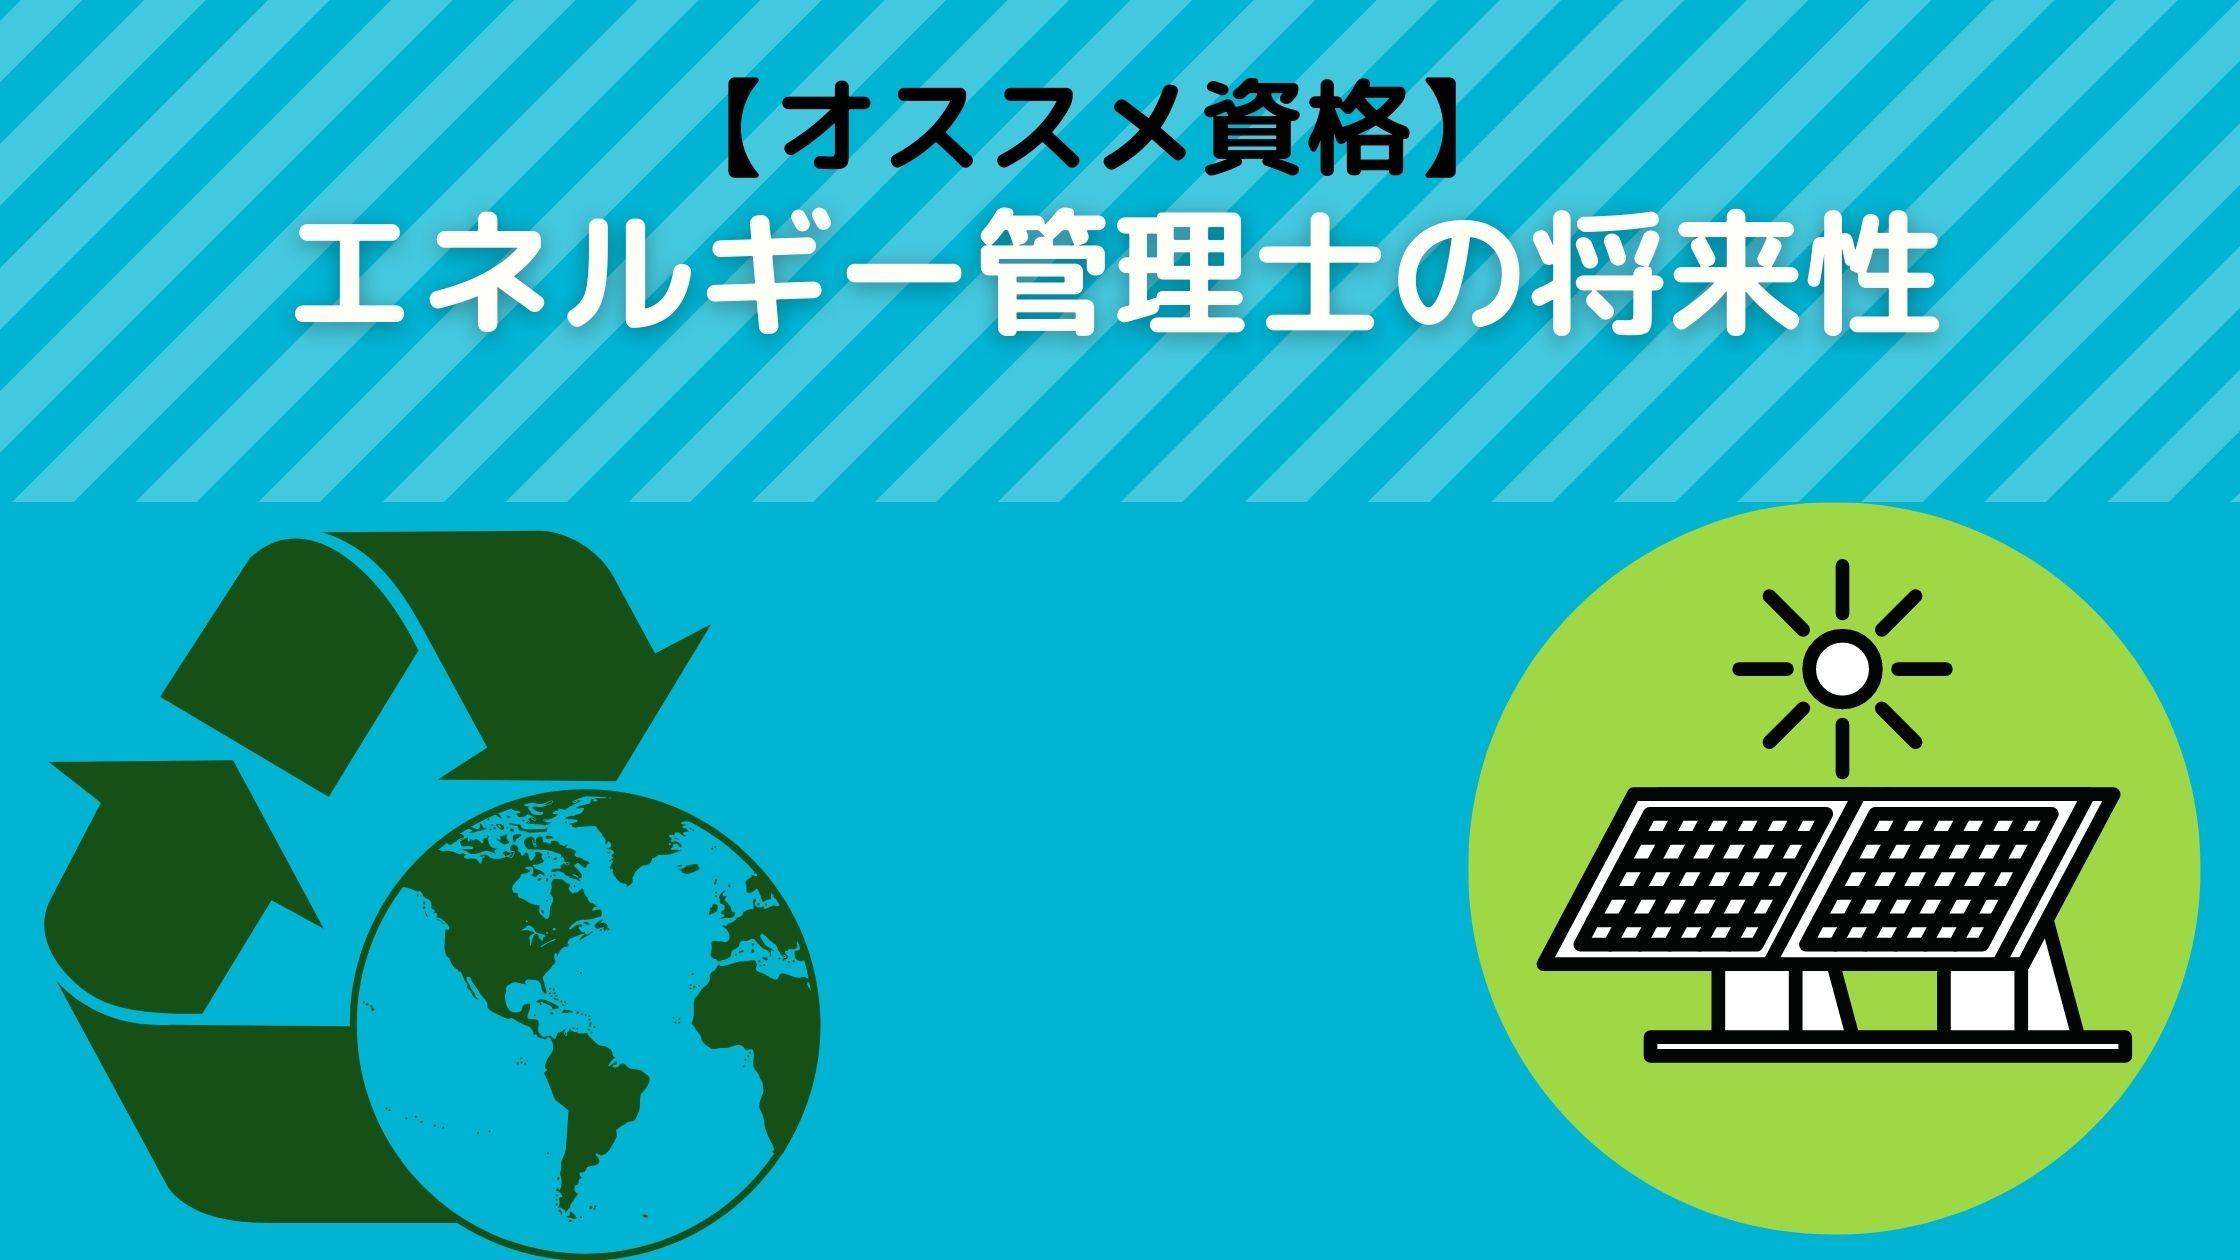 【オススメ資格】エネルギー管理士の将来性